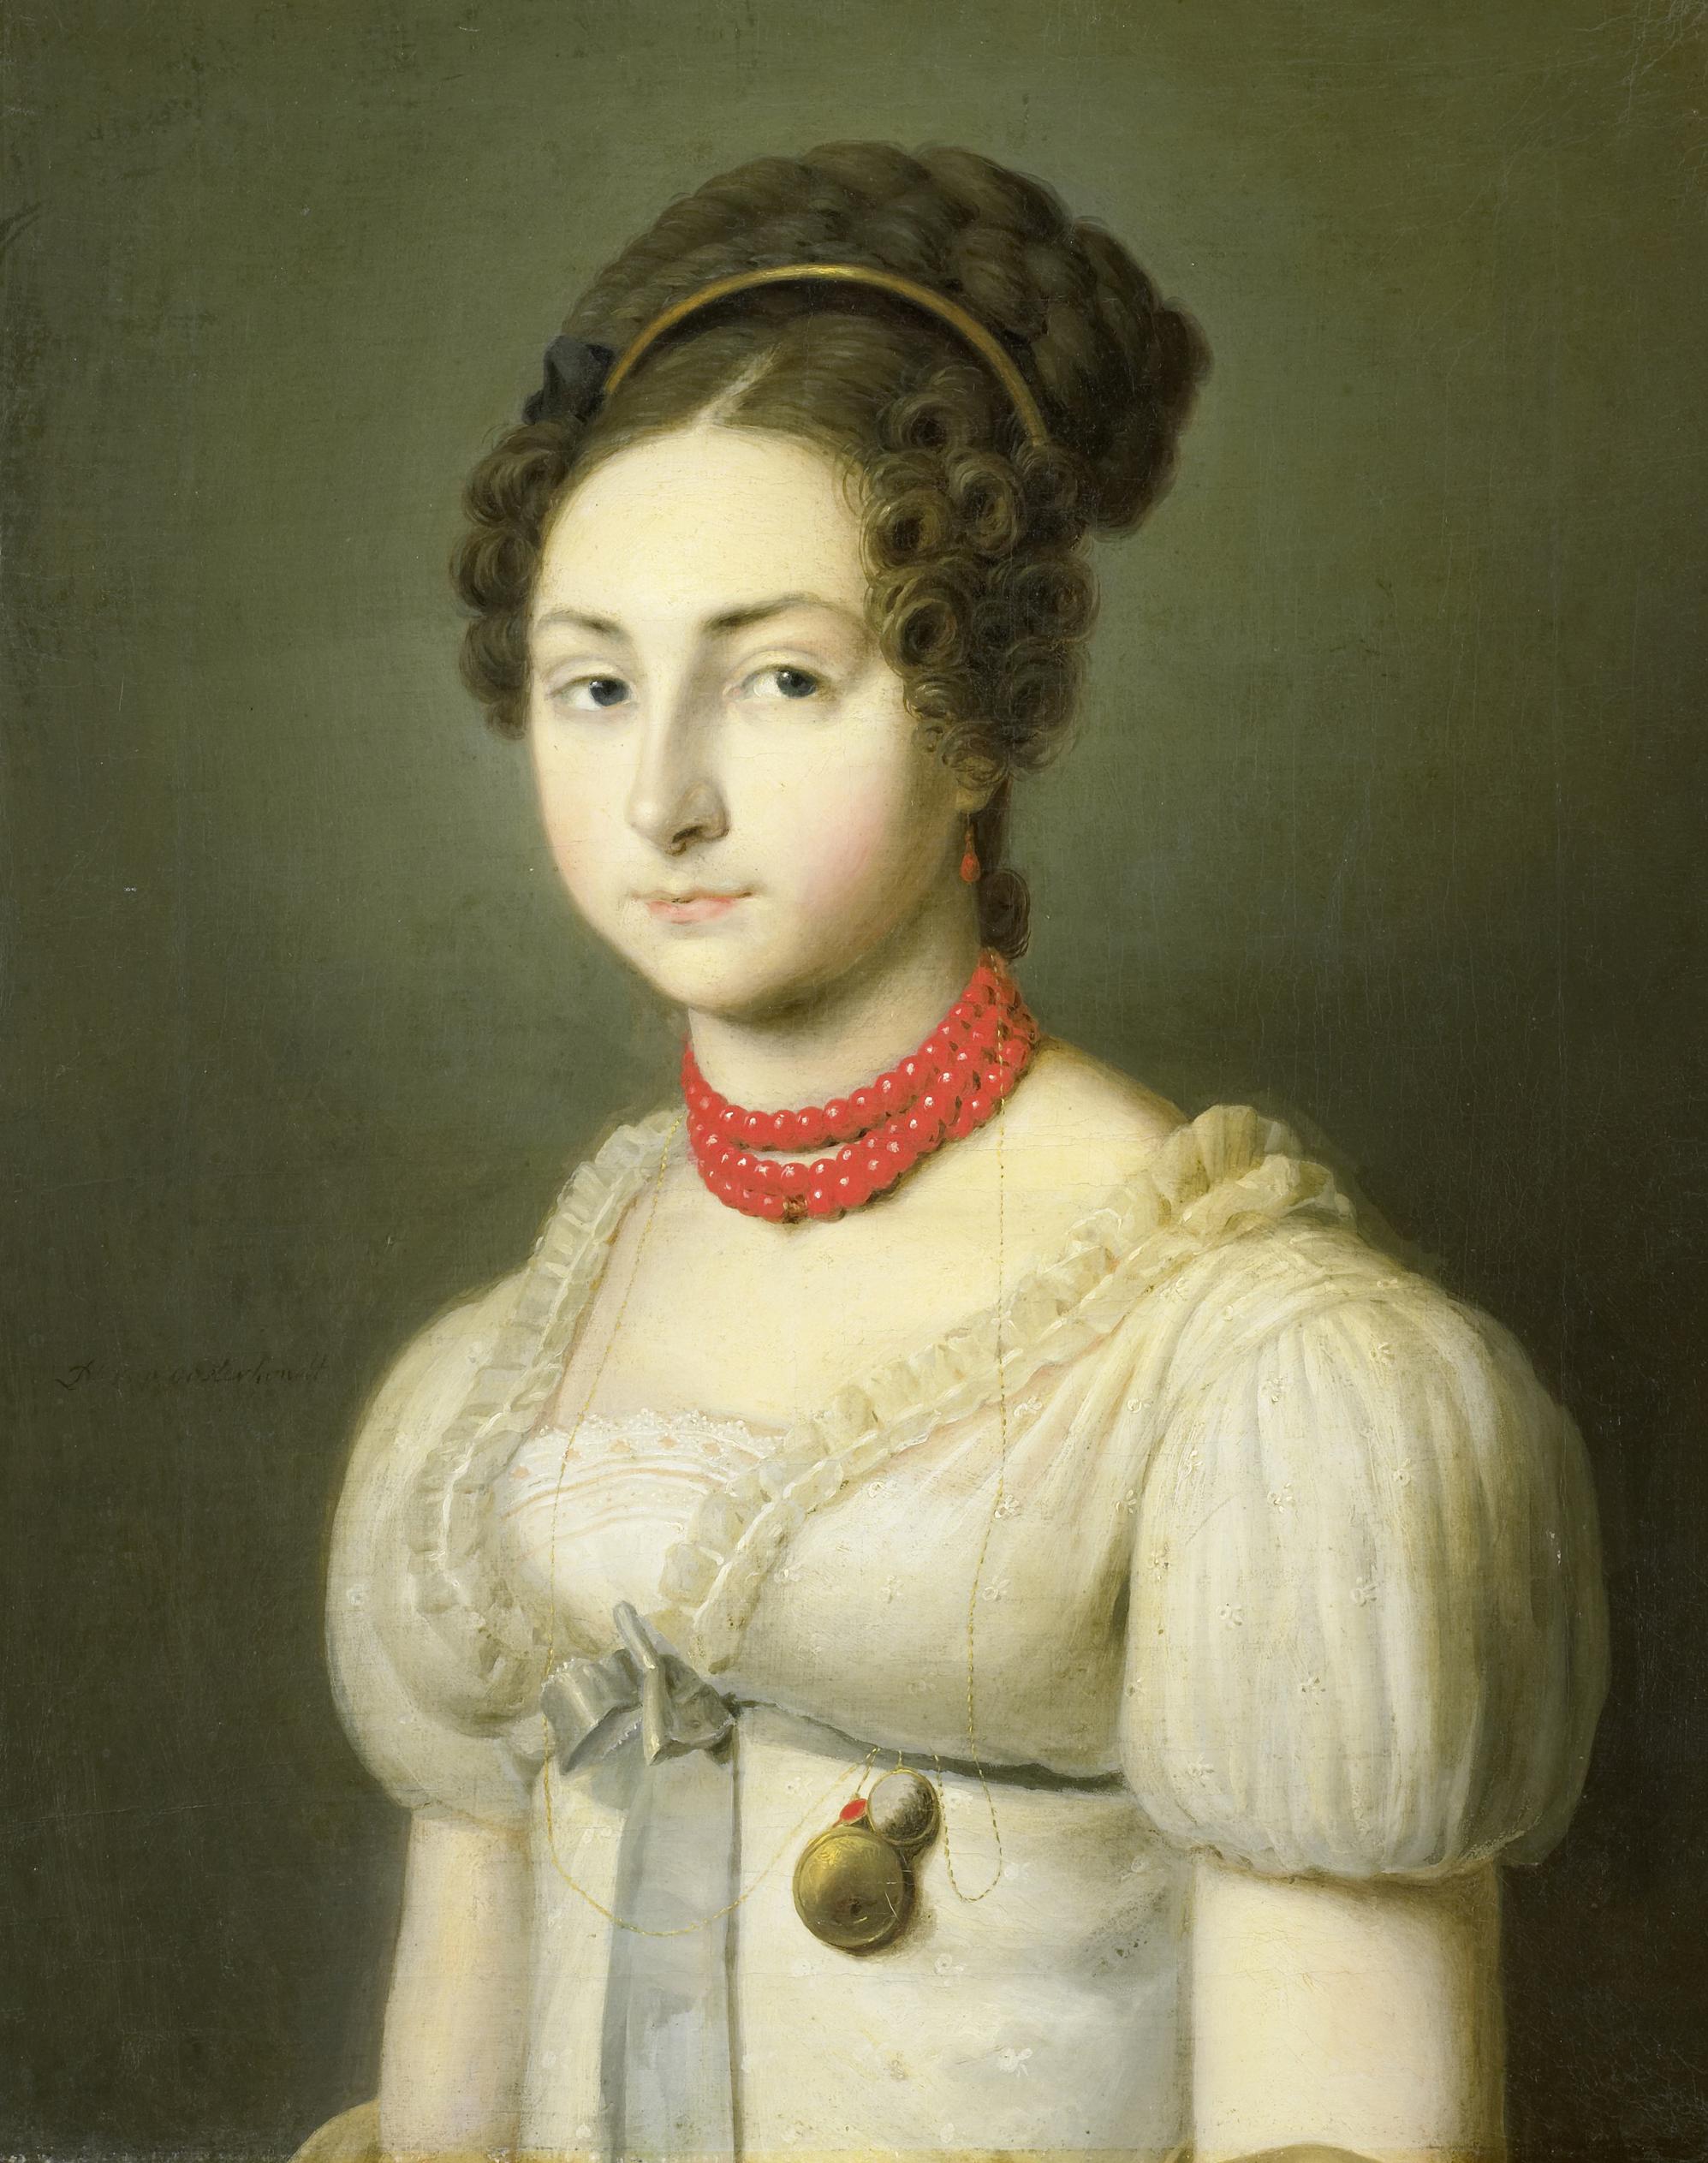 Jacoba_van_Wessem_(1801-56),_echtgenote_van_de_heer_Stumphius,_burgemeester_van_Beverwijk_Rijksmuseum_SK-A-3132.jpeg